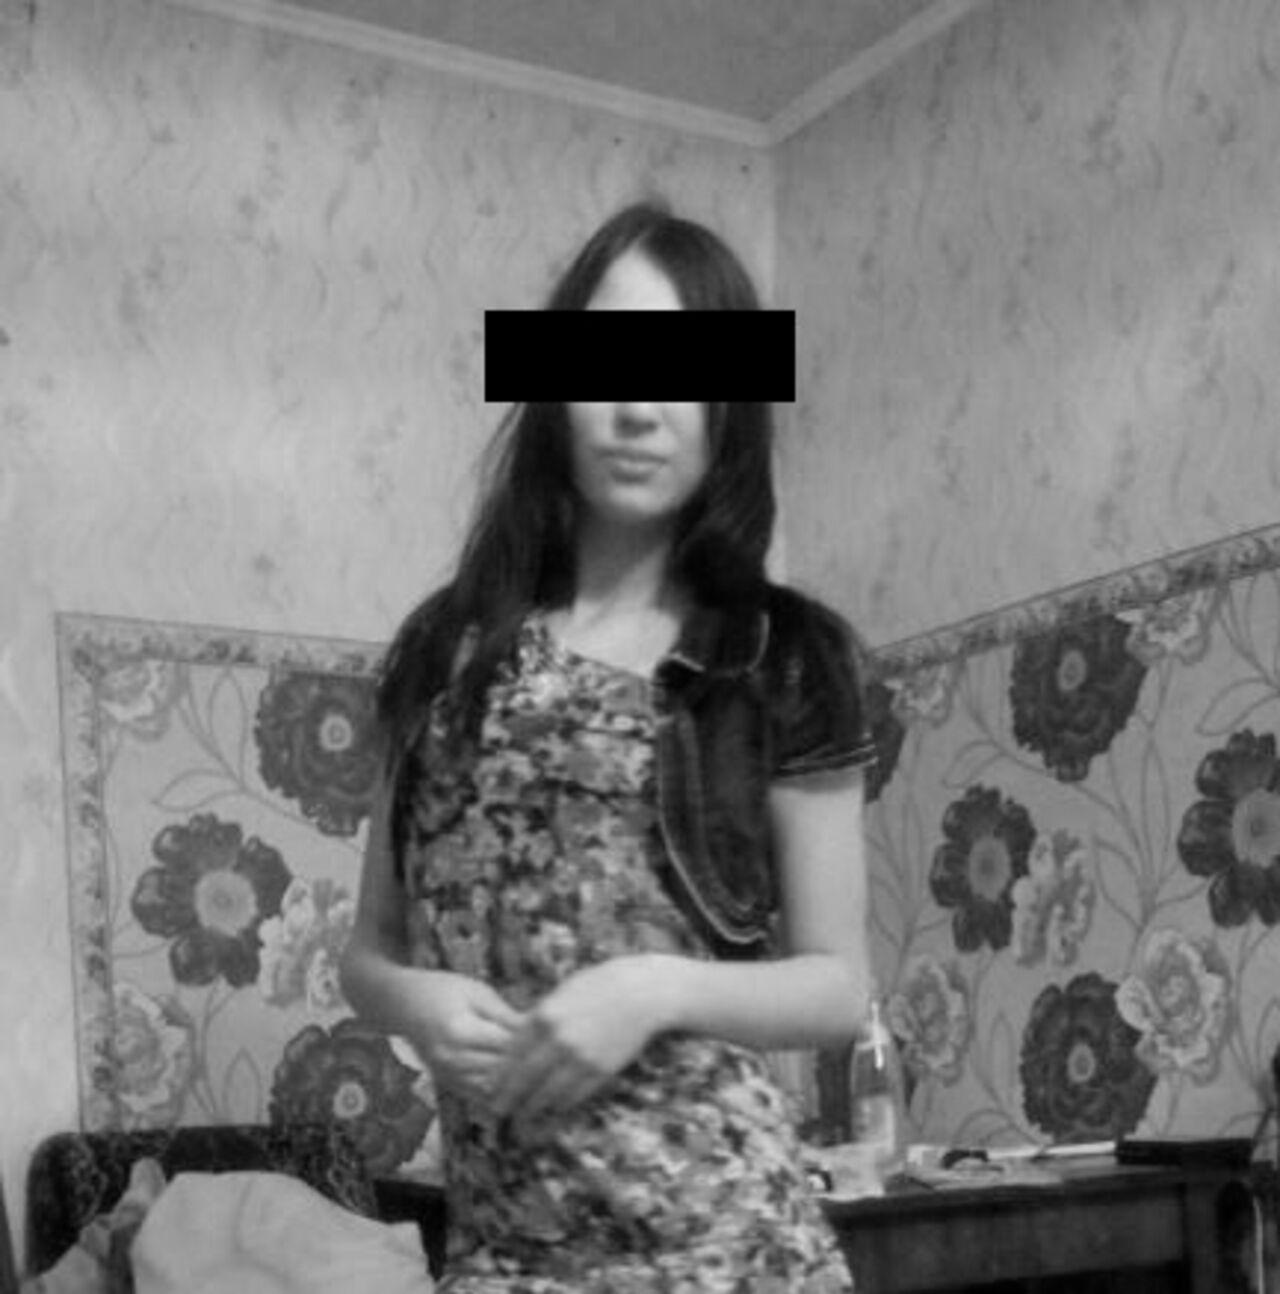 ВКемерове отыскали тело девушки спризнаками насильственной смерти